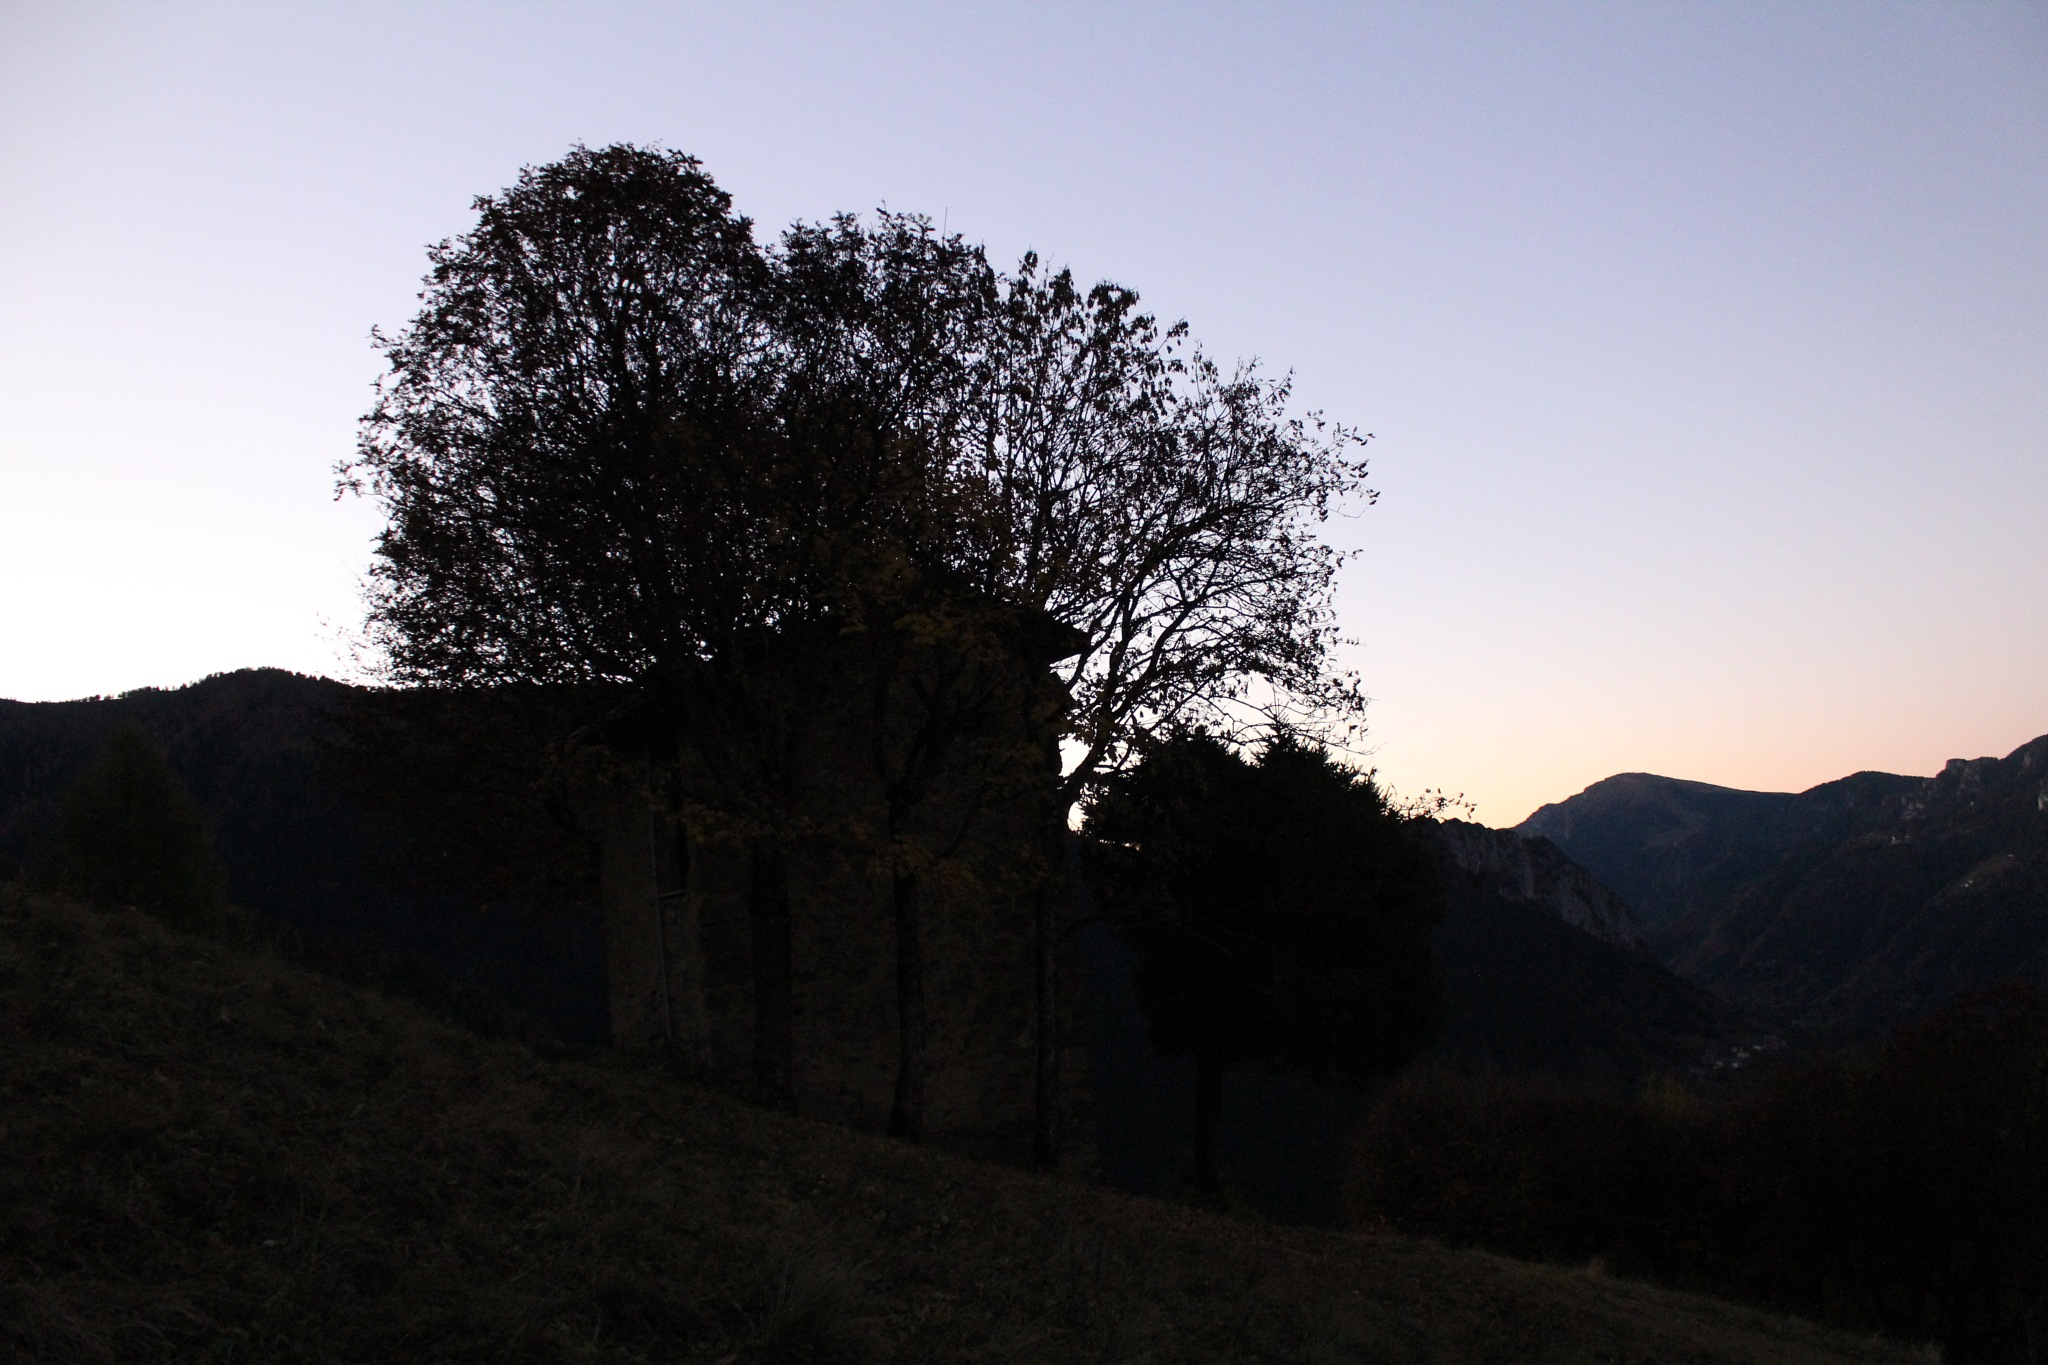 Alba da Azzone, Val di Scalve BG by saraorler